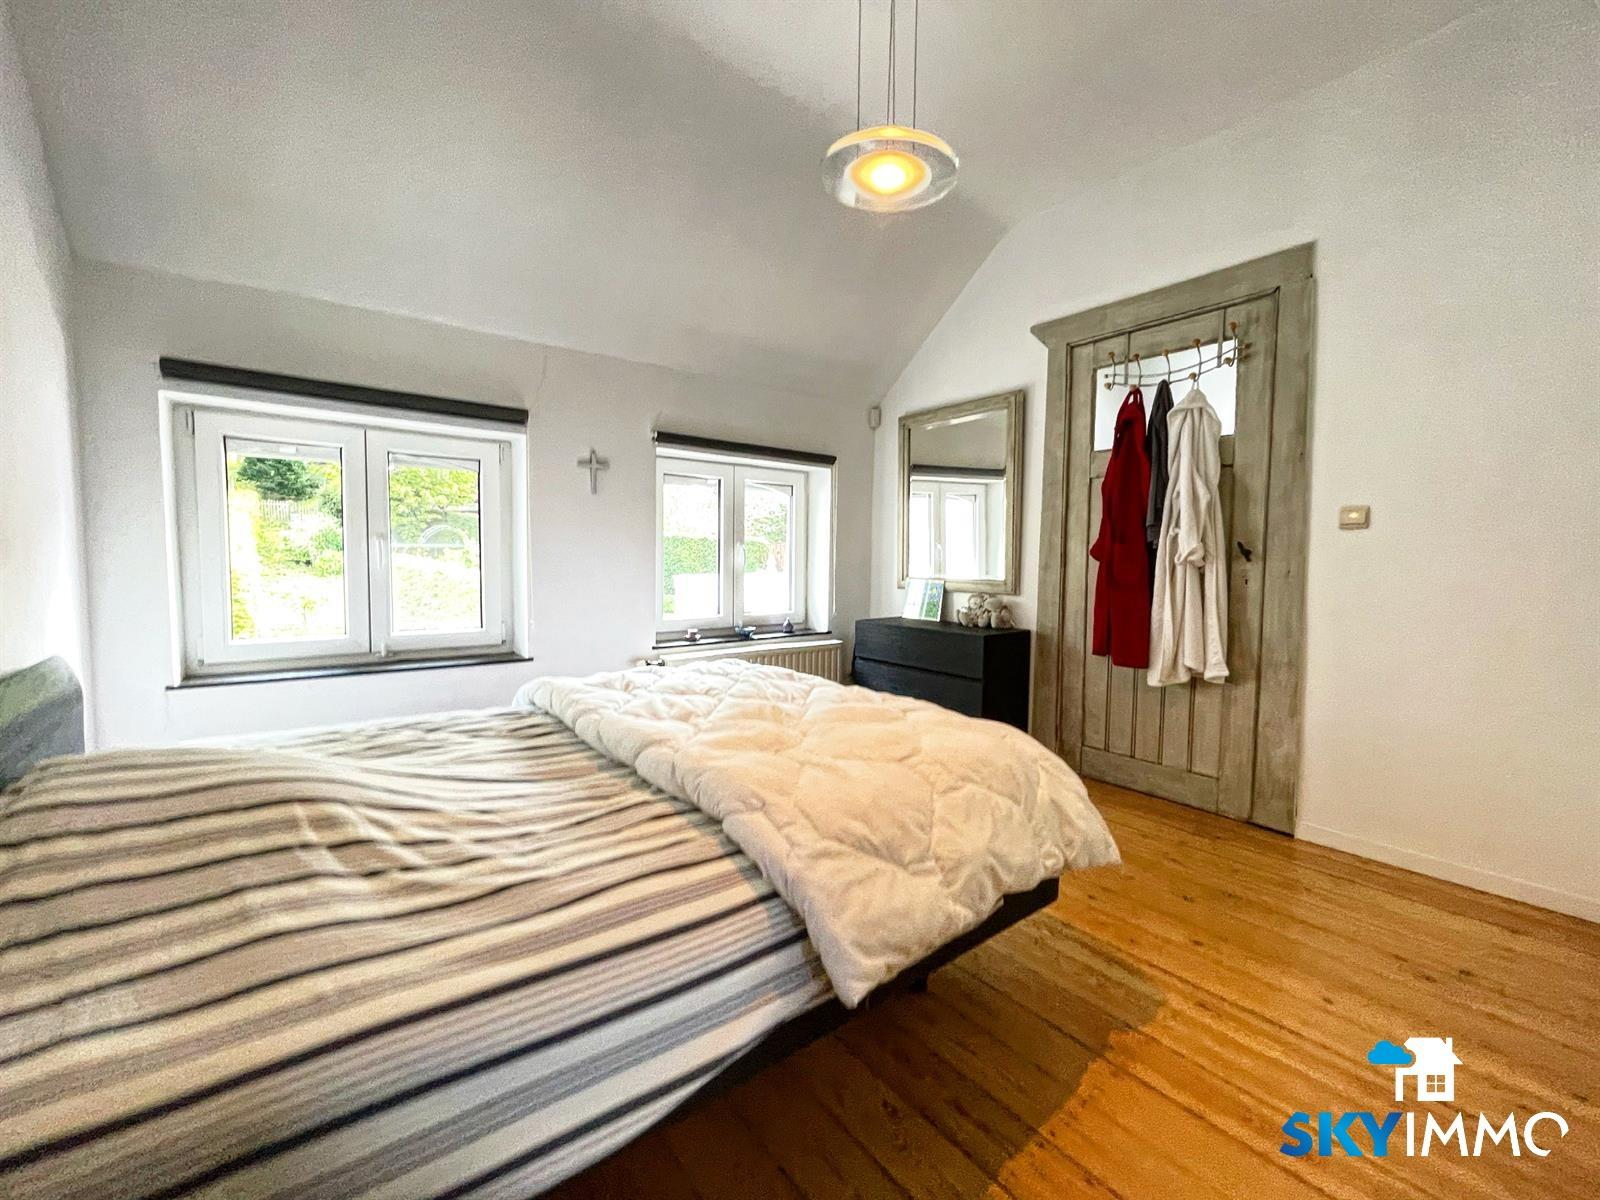 Huis - Liege - #4355252-24